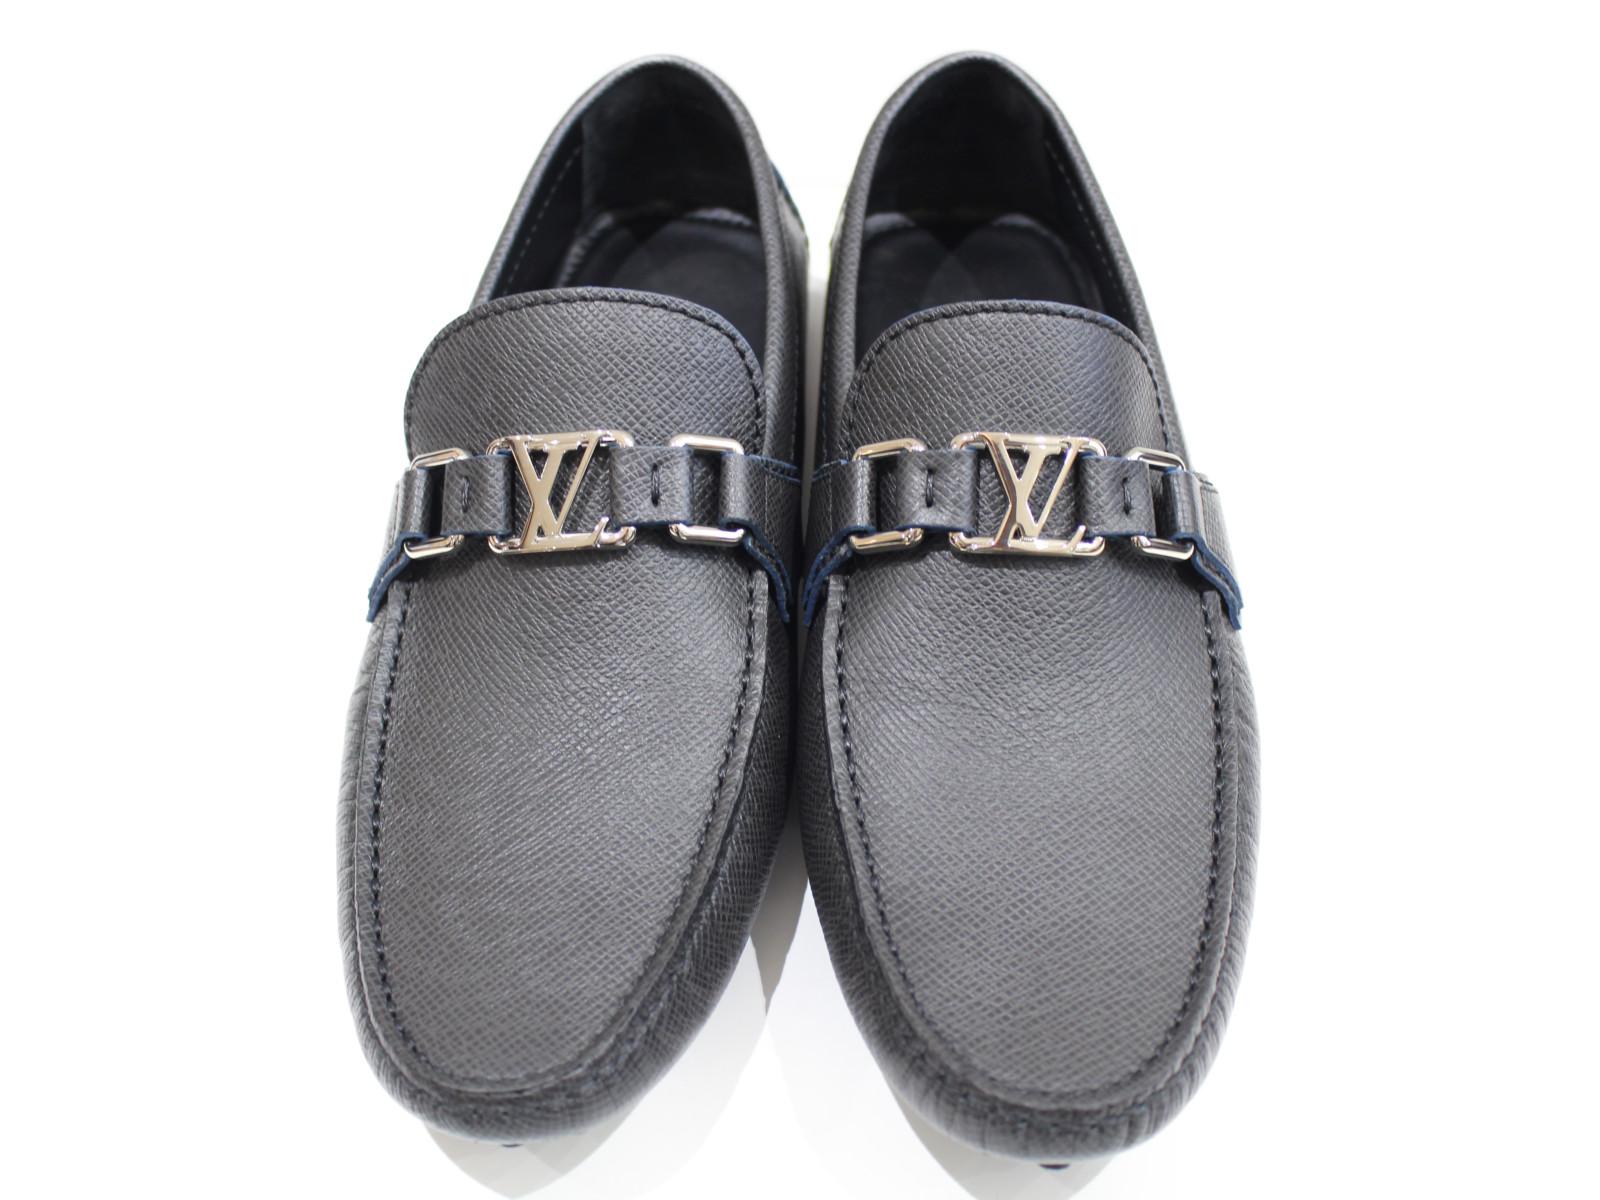 【箱有り★】 LOUIS VUITTON ホッケンハイム・ライン 1A4TW4 ブラック系 ブルーライン コーティングキャンバス  メンズ 靴 Mサイズ 美品 プレゼント包装可【中古品】